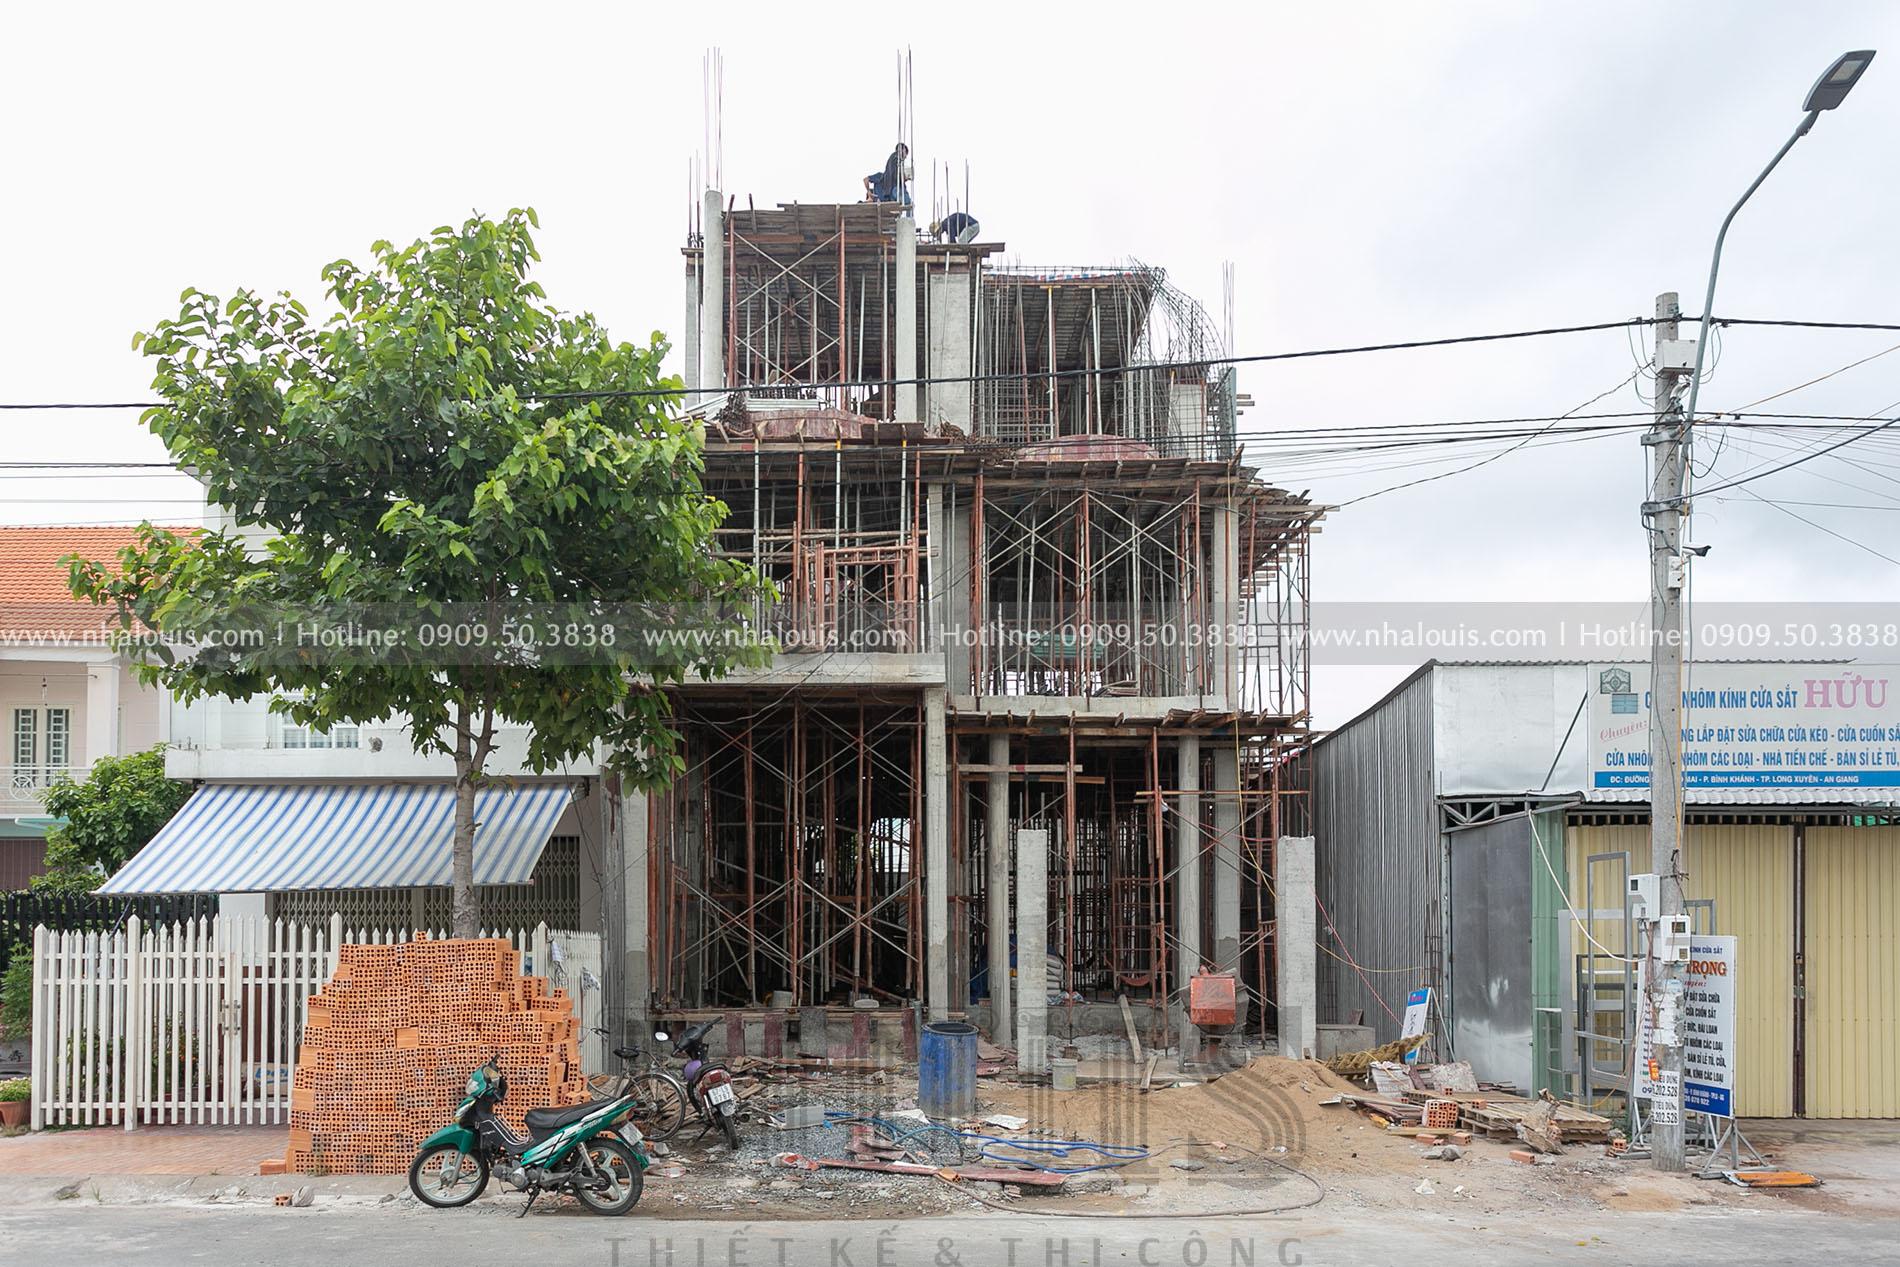 Hình ảnh thi công xây dựng biệt thự mặt tiền 10m tại Long Xuyên